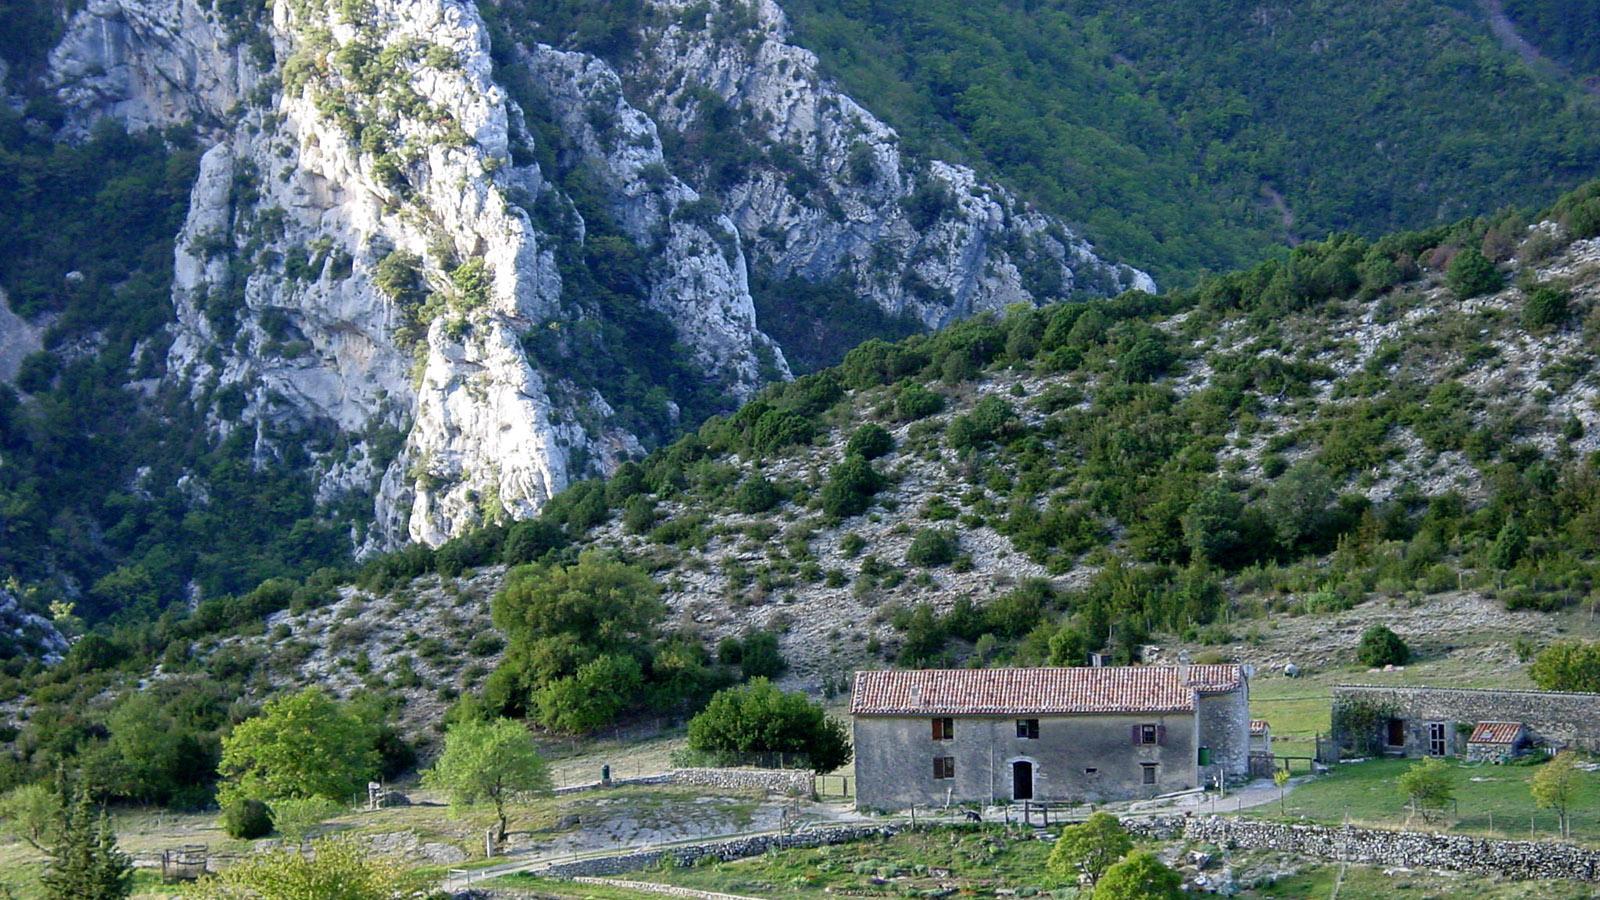 Gorges-du-Verdon: Ein Bauernhof versteckt sich bei La Palud-du-Verdon in der Schlucht. Foto: Hilke Maunder